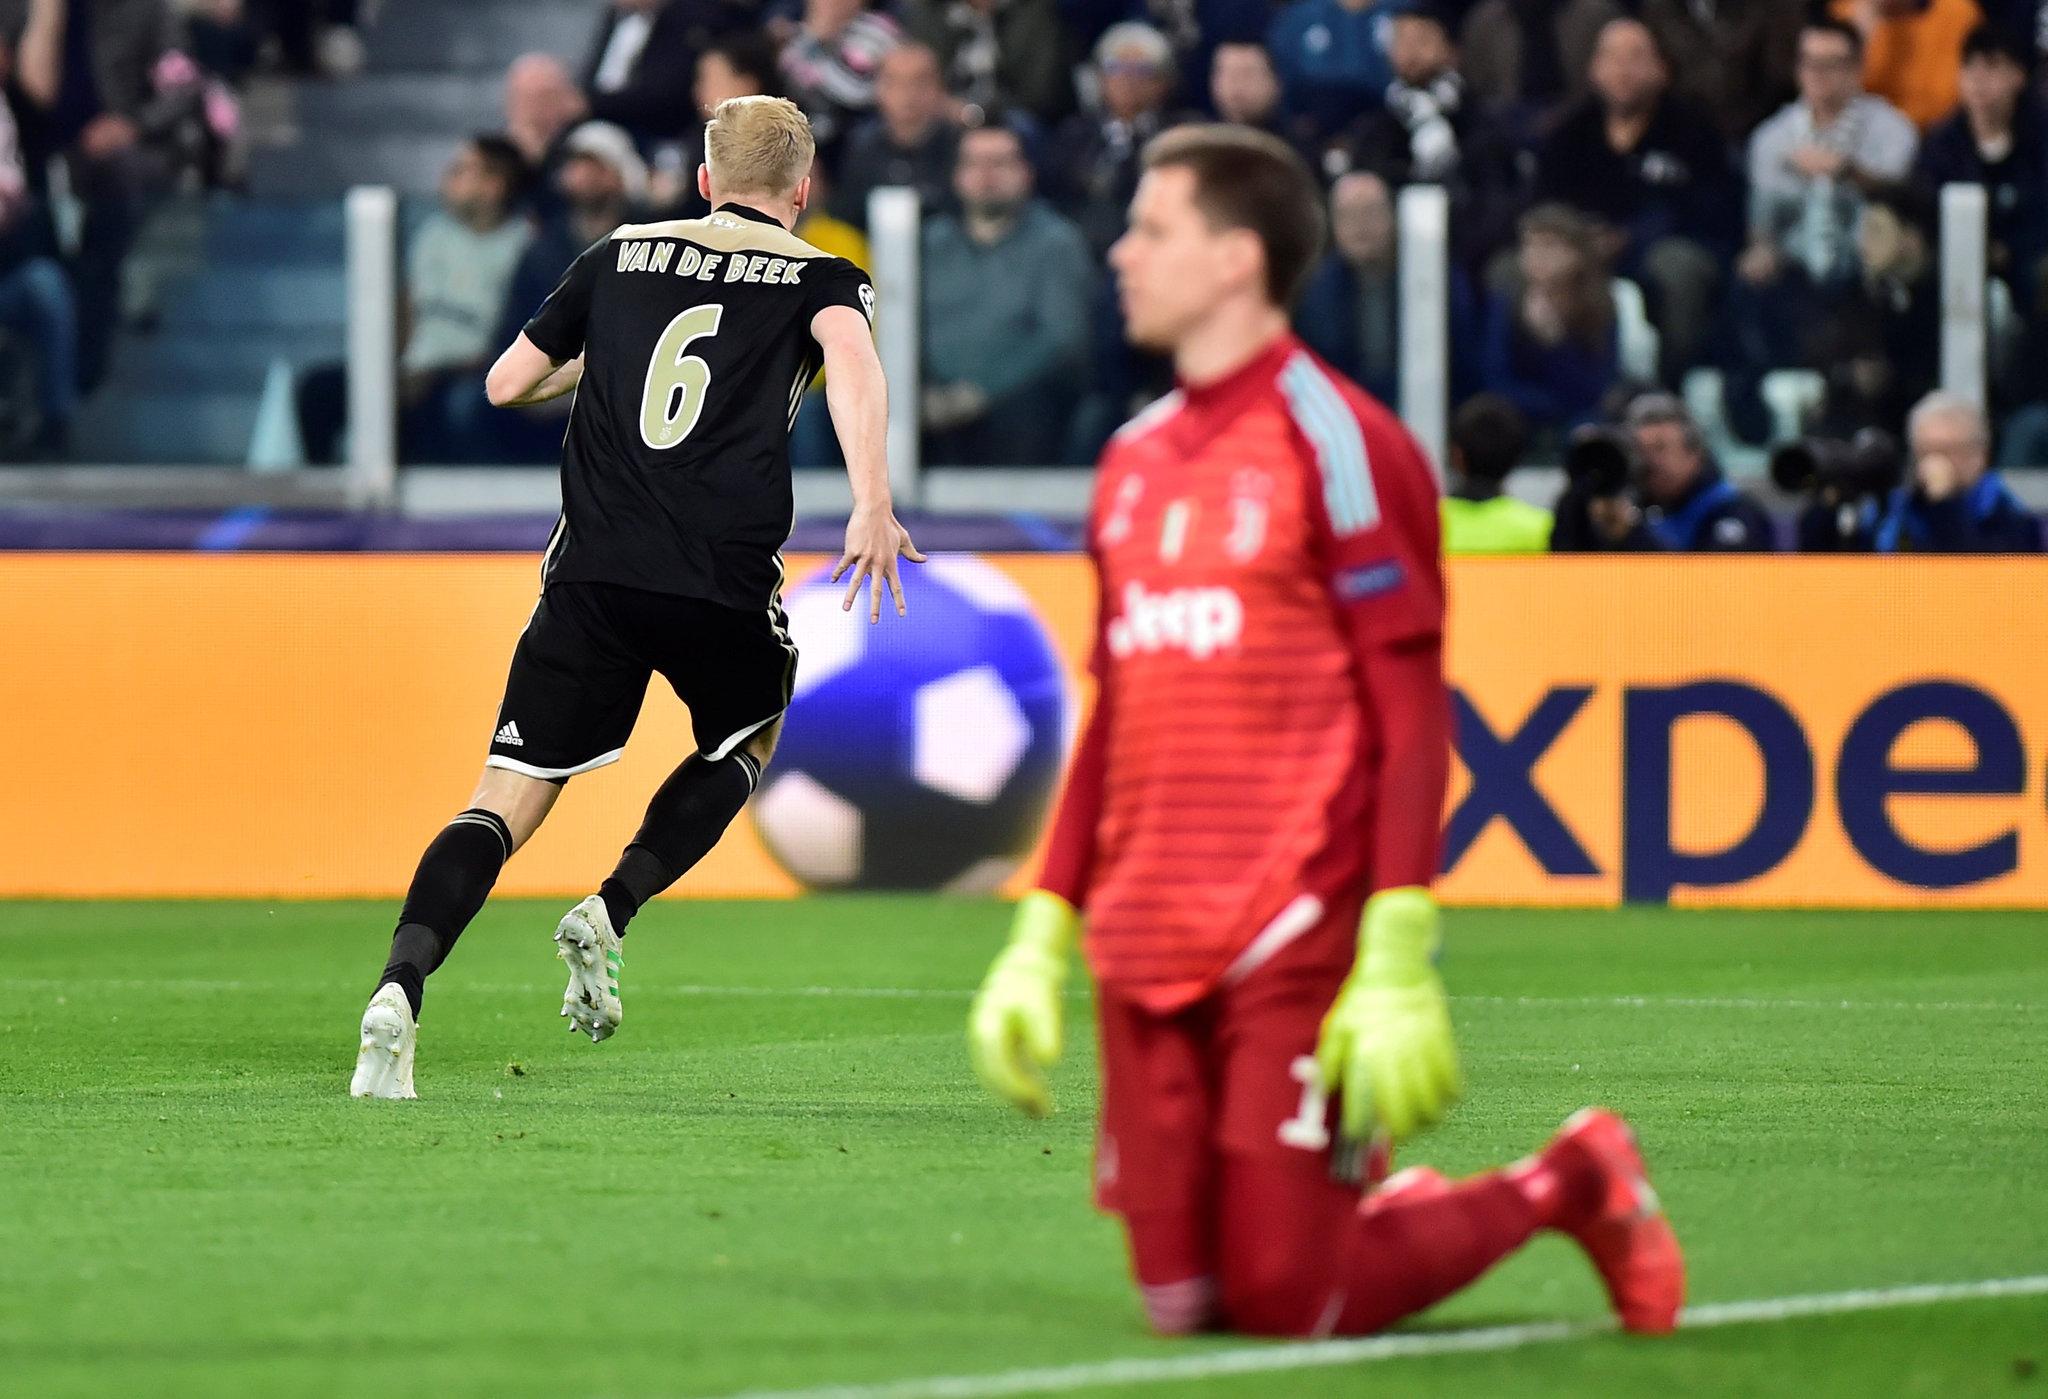 El AJAX sigue sorprendiendo, ahora deja fuera a CR7 y a la Juventus 15554492399891